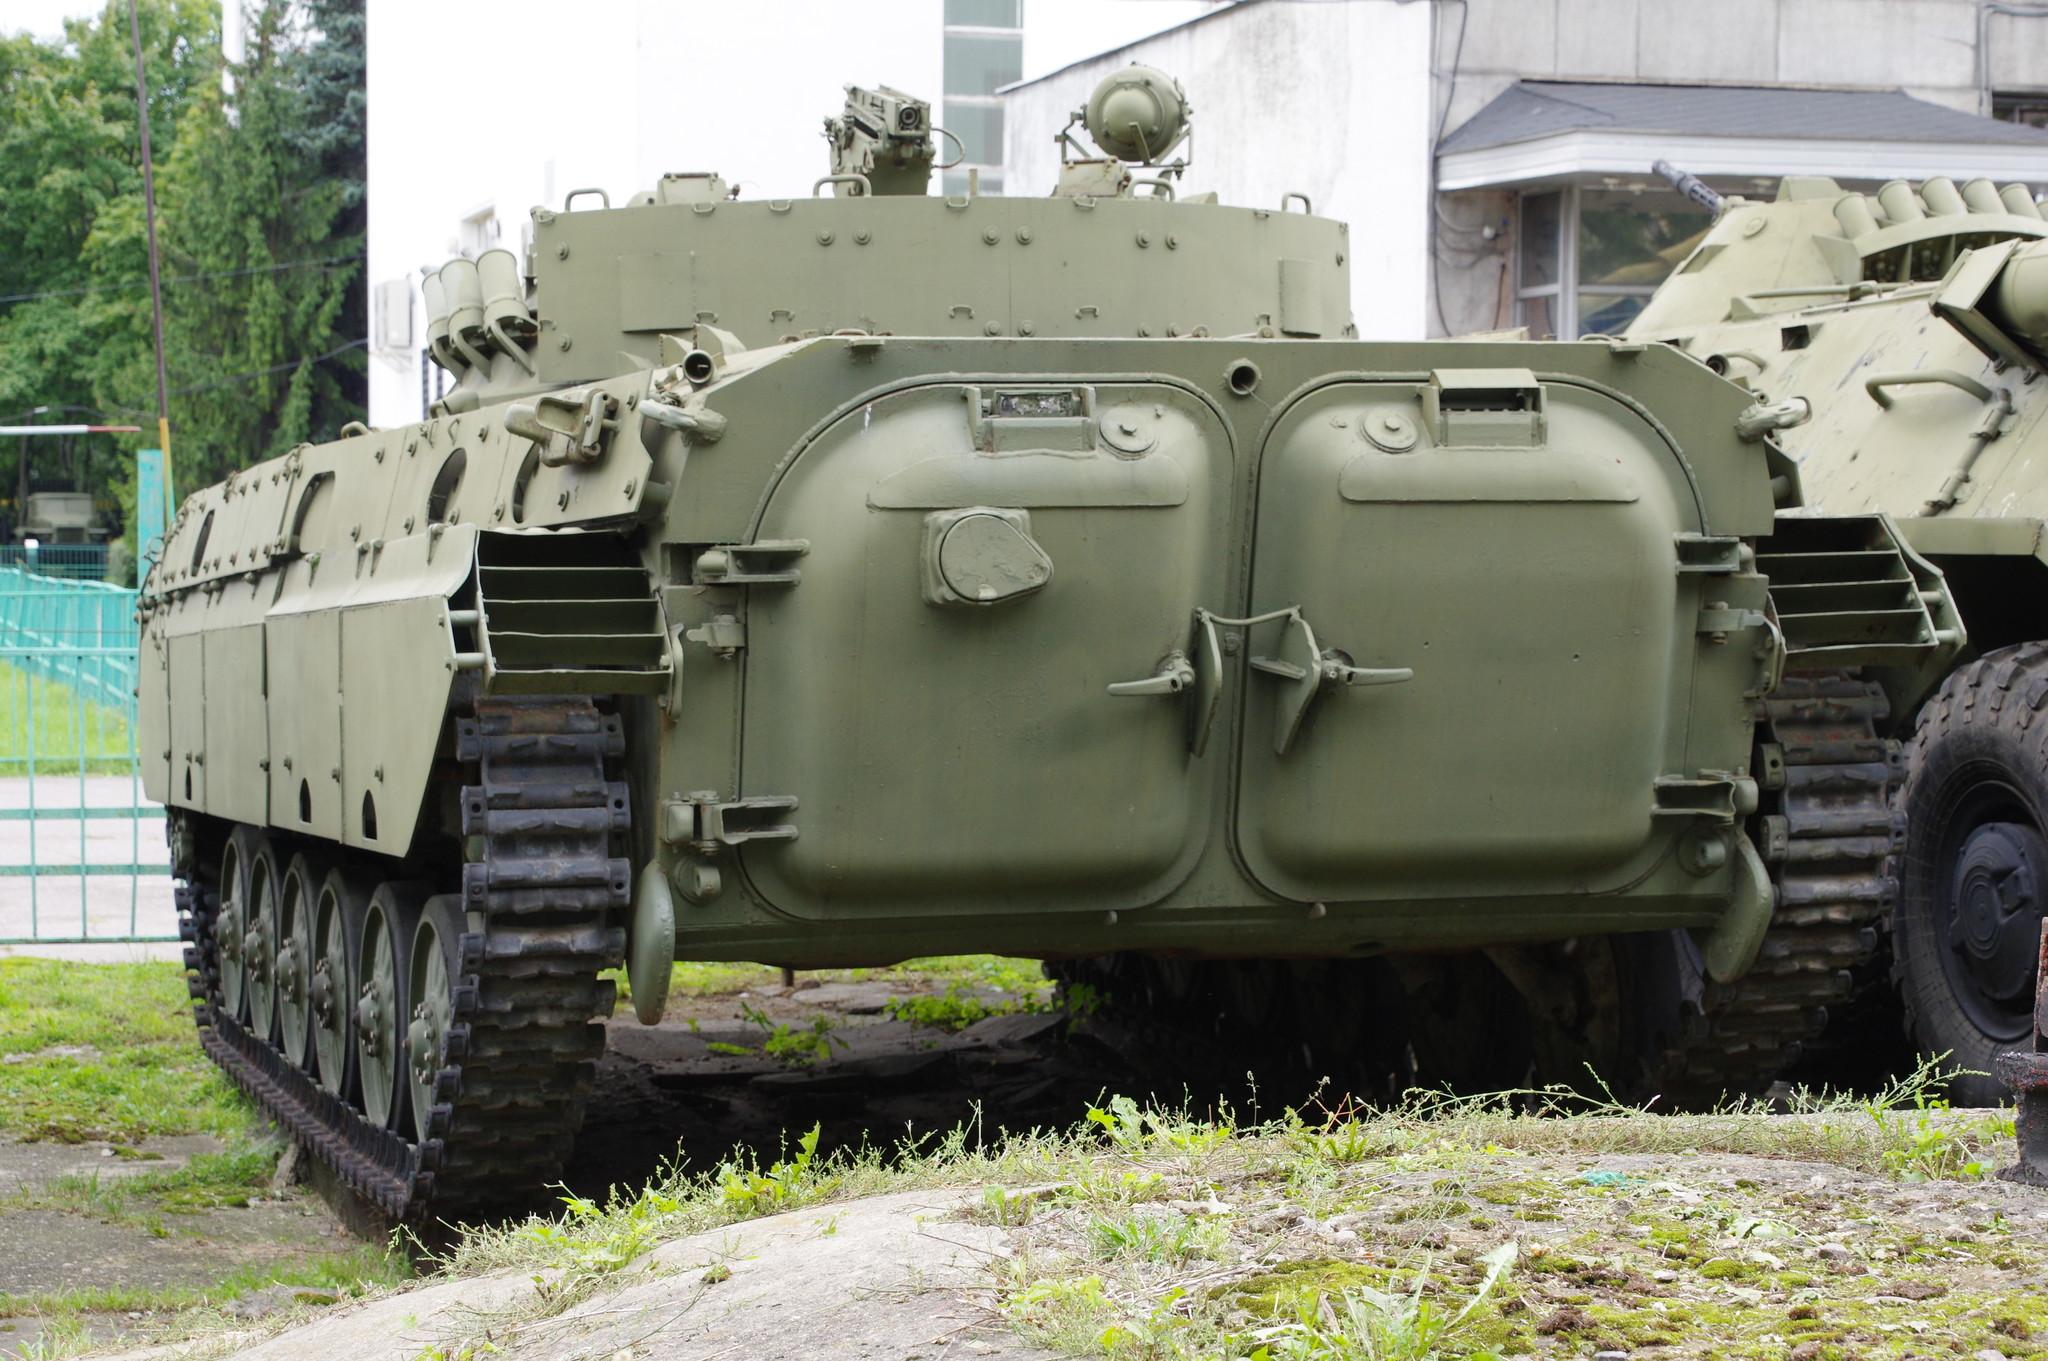 Боевая машина пехоты БМП-2Д в экспозиции Центрального музея Вооружённых сил Российской Федерации